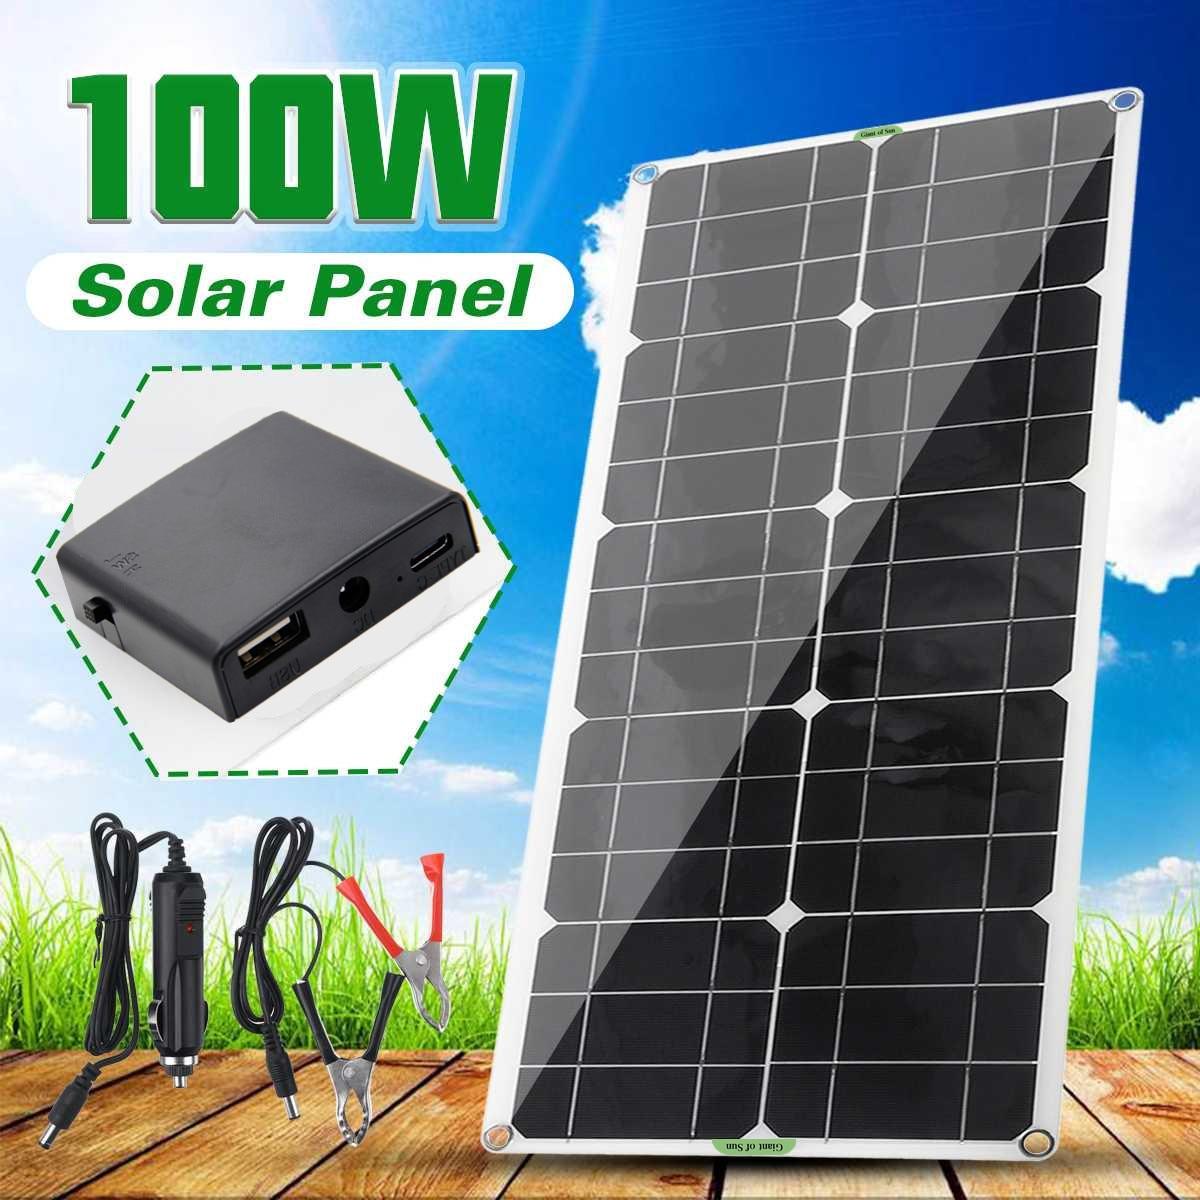 100 واط 2A مرنة لوحة طاقة شمسية أحادية البلورية وحدة للهاتف المحمول مصابيح خارجية شاحن بطارية لوحة طاقة شمسية شحن